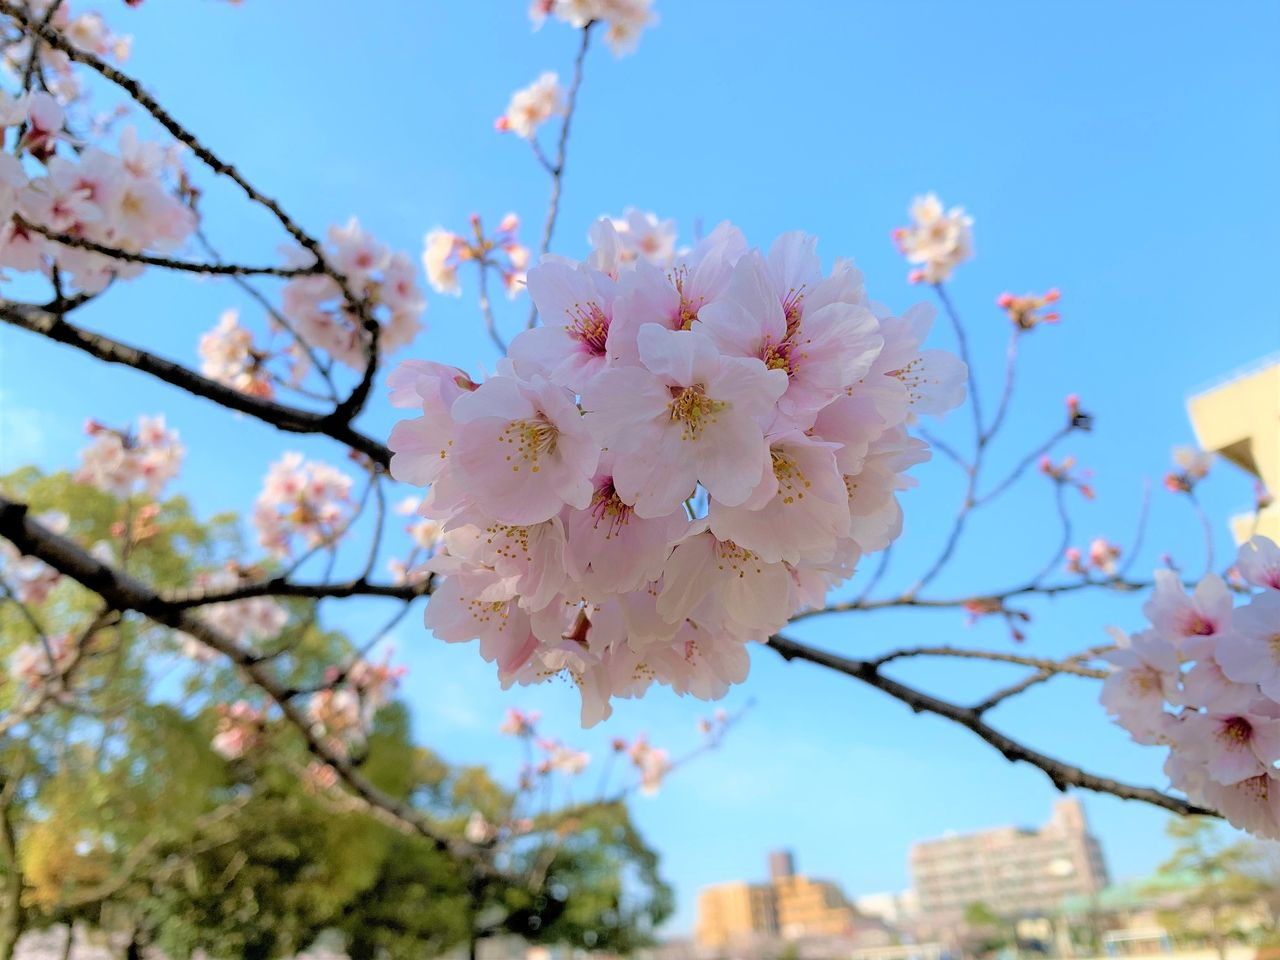 もう桜が満開ですね!丹後小学校の前の通りがとてもきれいです♪